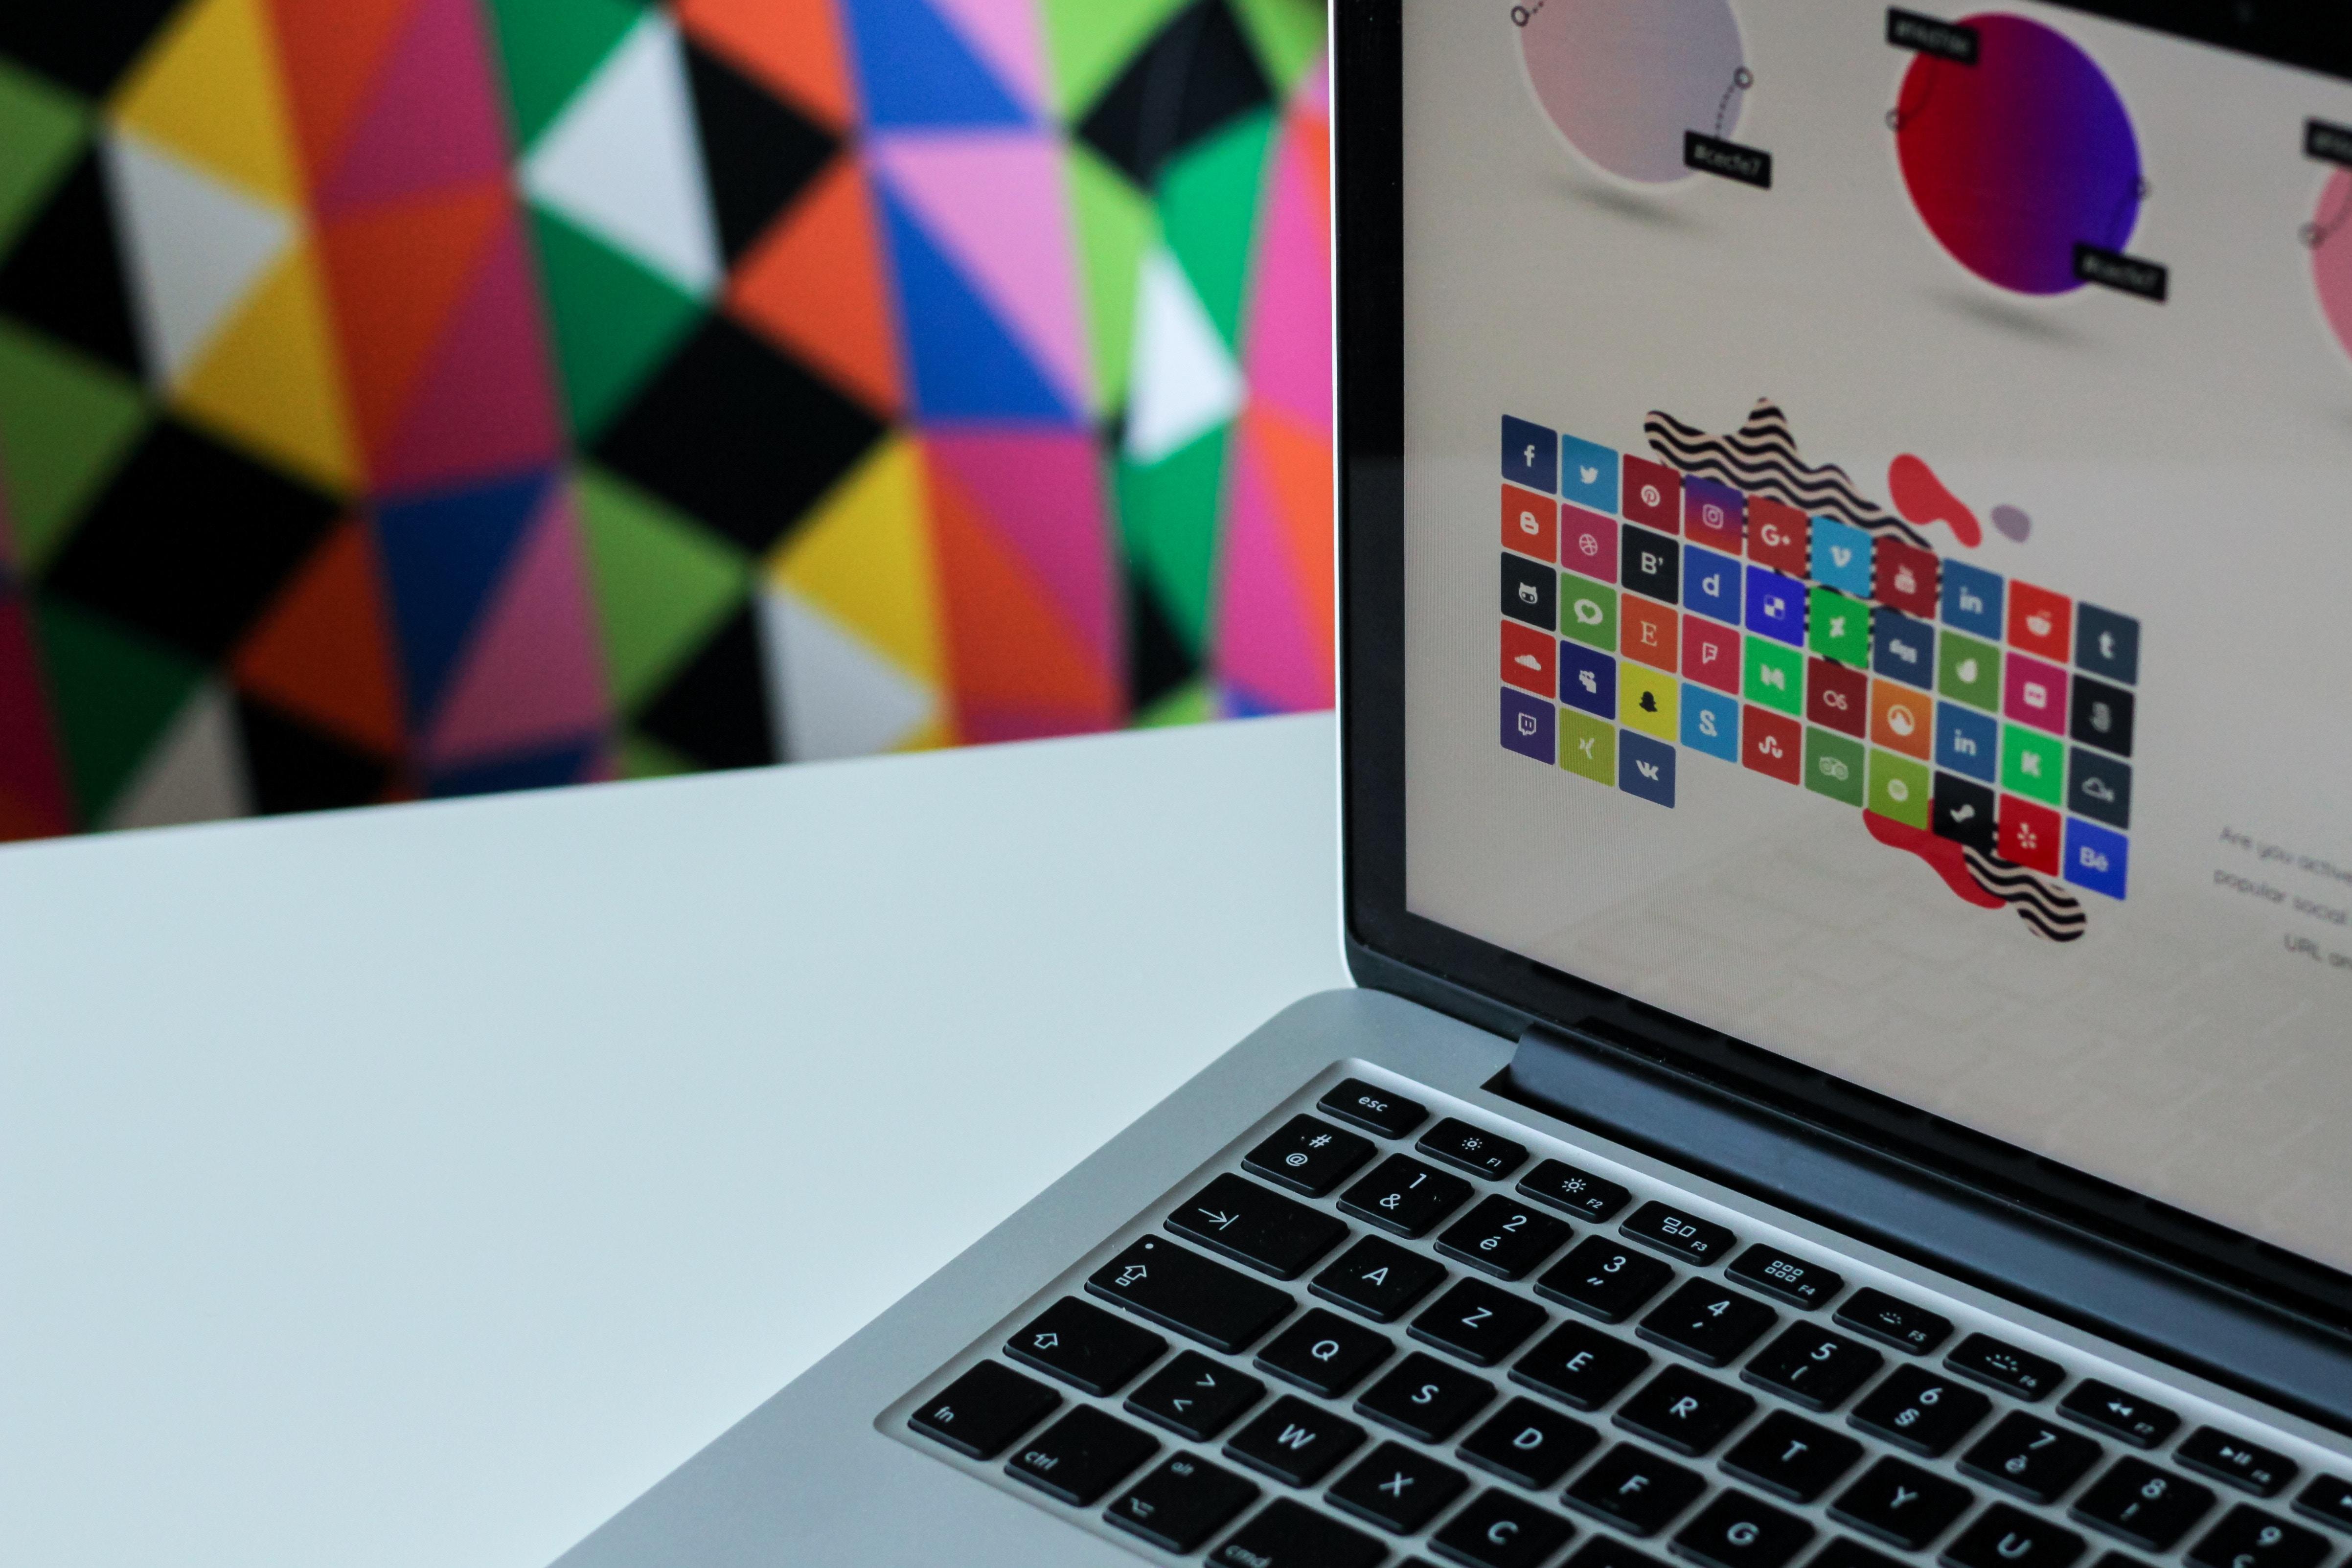 Photo by NordWood Themes on Unsplash - 3 conseils pour renforcer votre identité professionnelle et améliorer votre communication